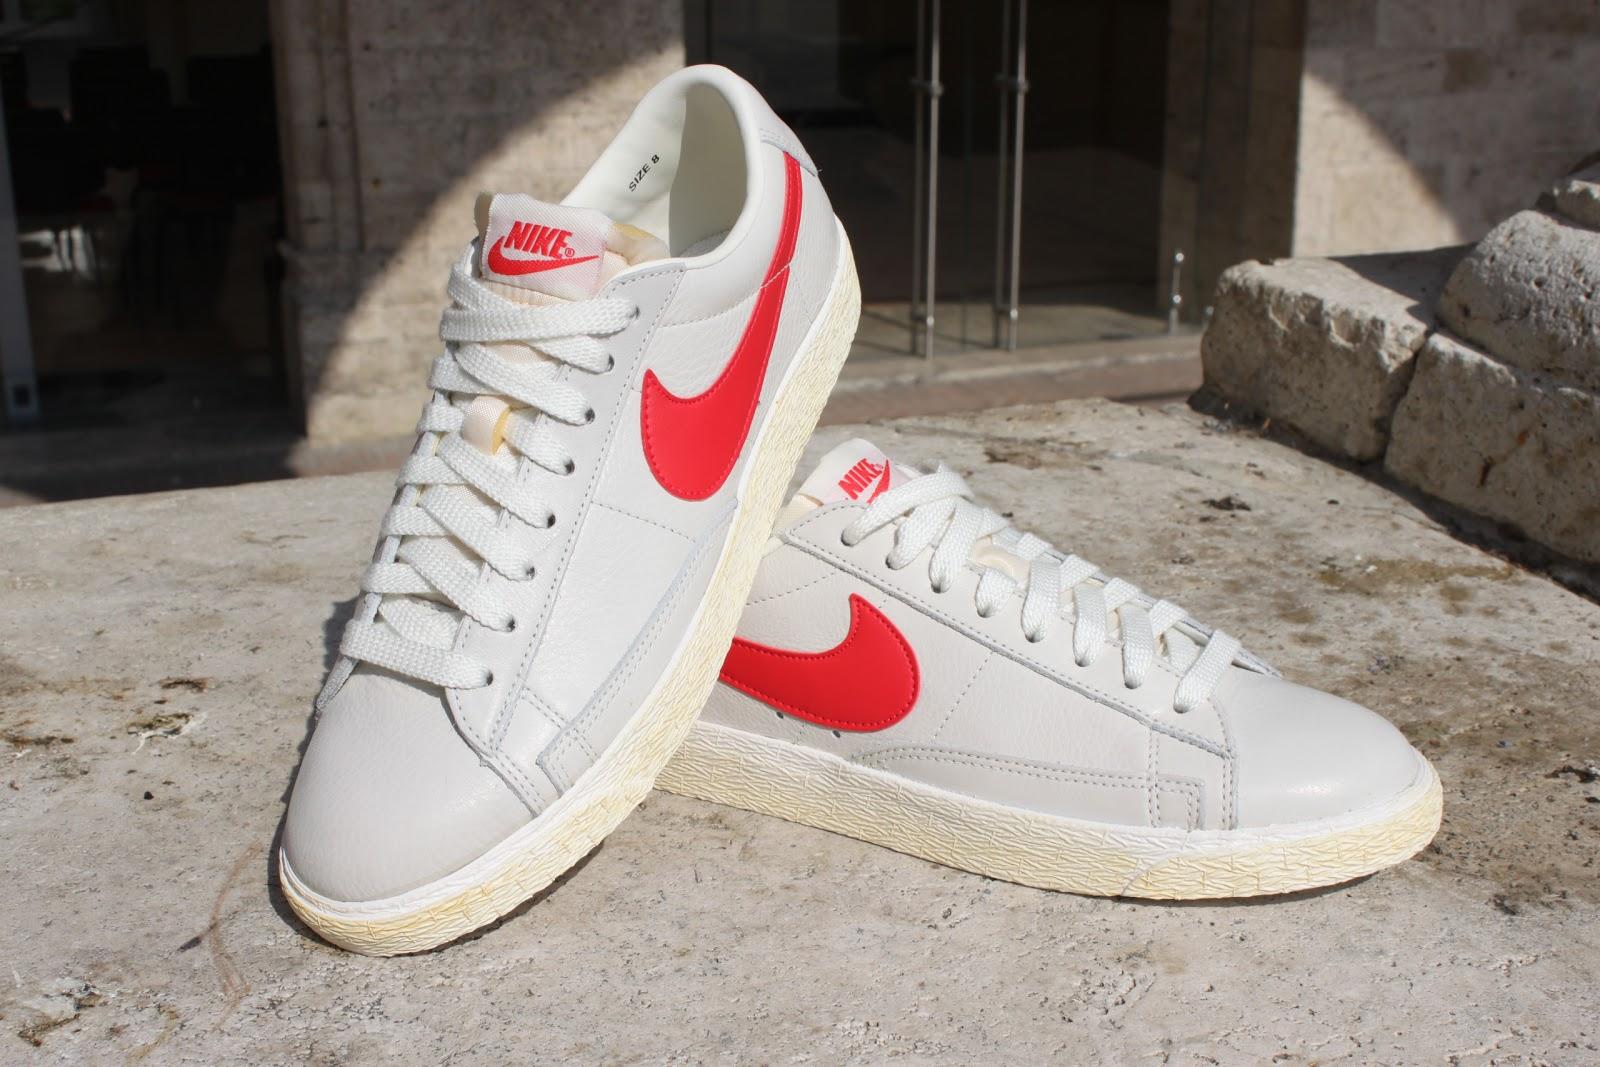 scarpe nike bianche baffo rosso